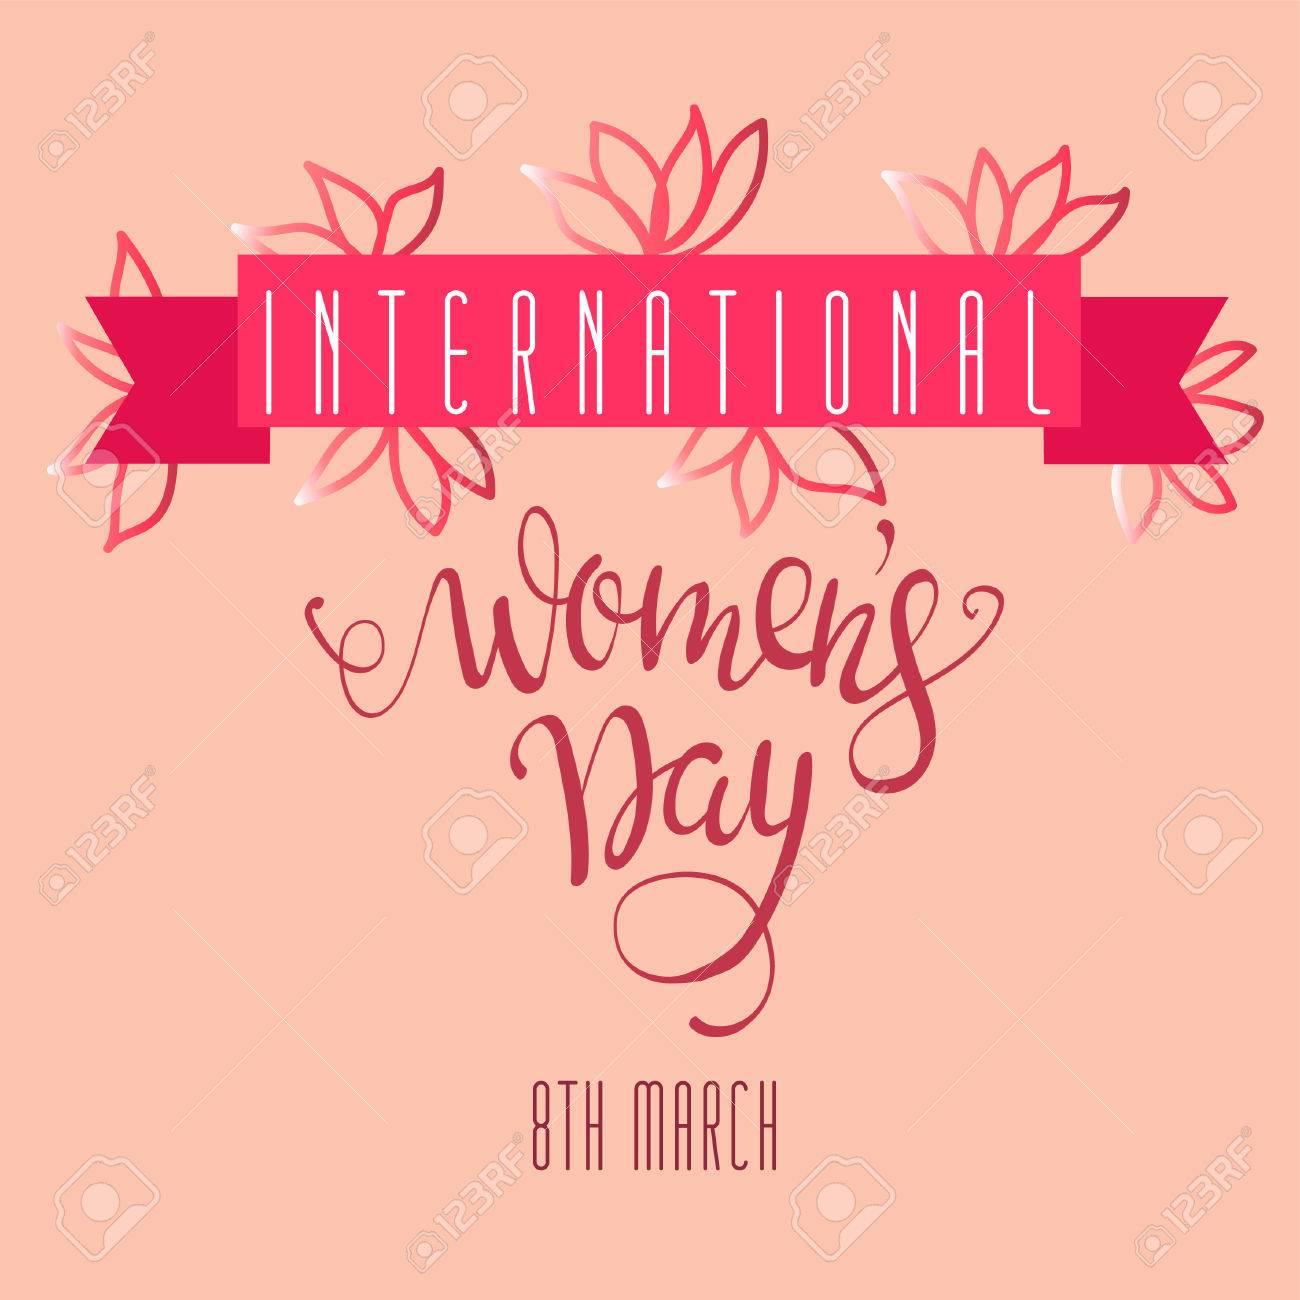 Affiche Pour La Journée De La Femme affiche pour la journée internationale des femmes avec des lettres